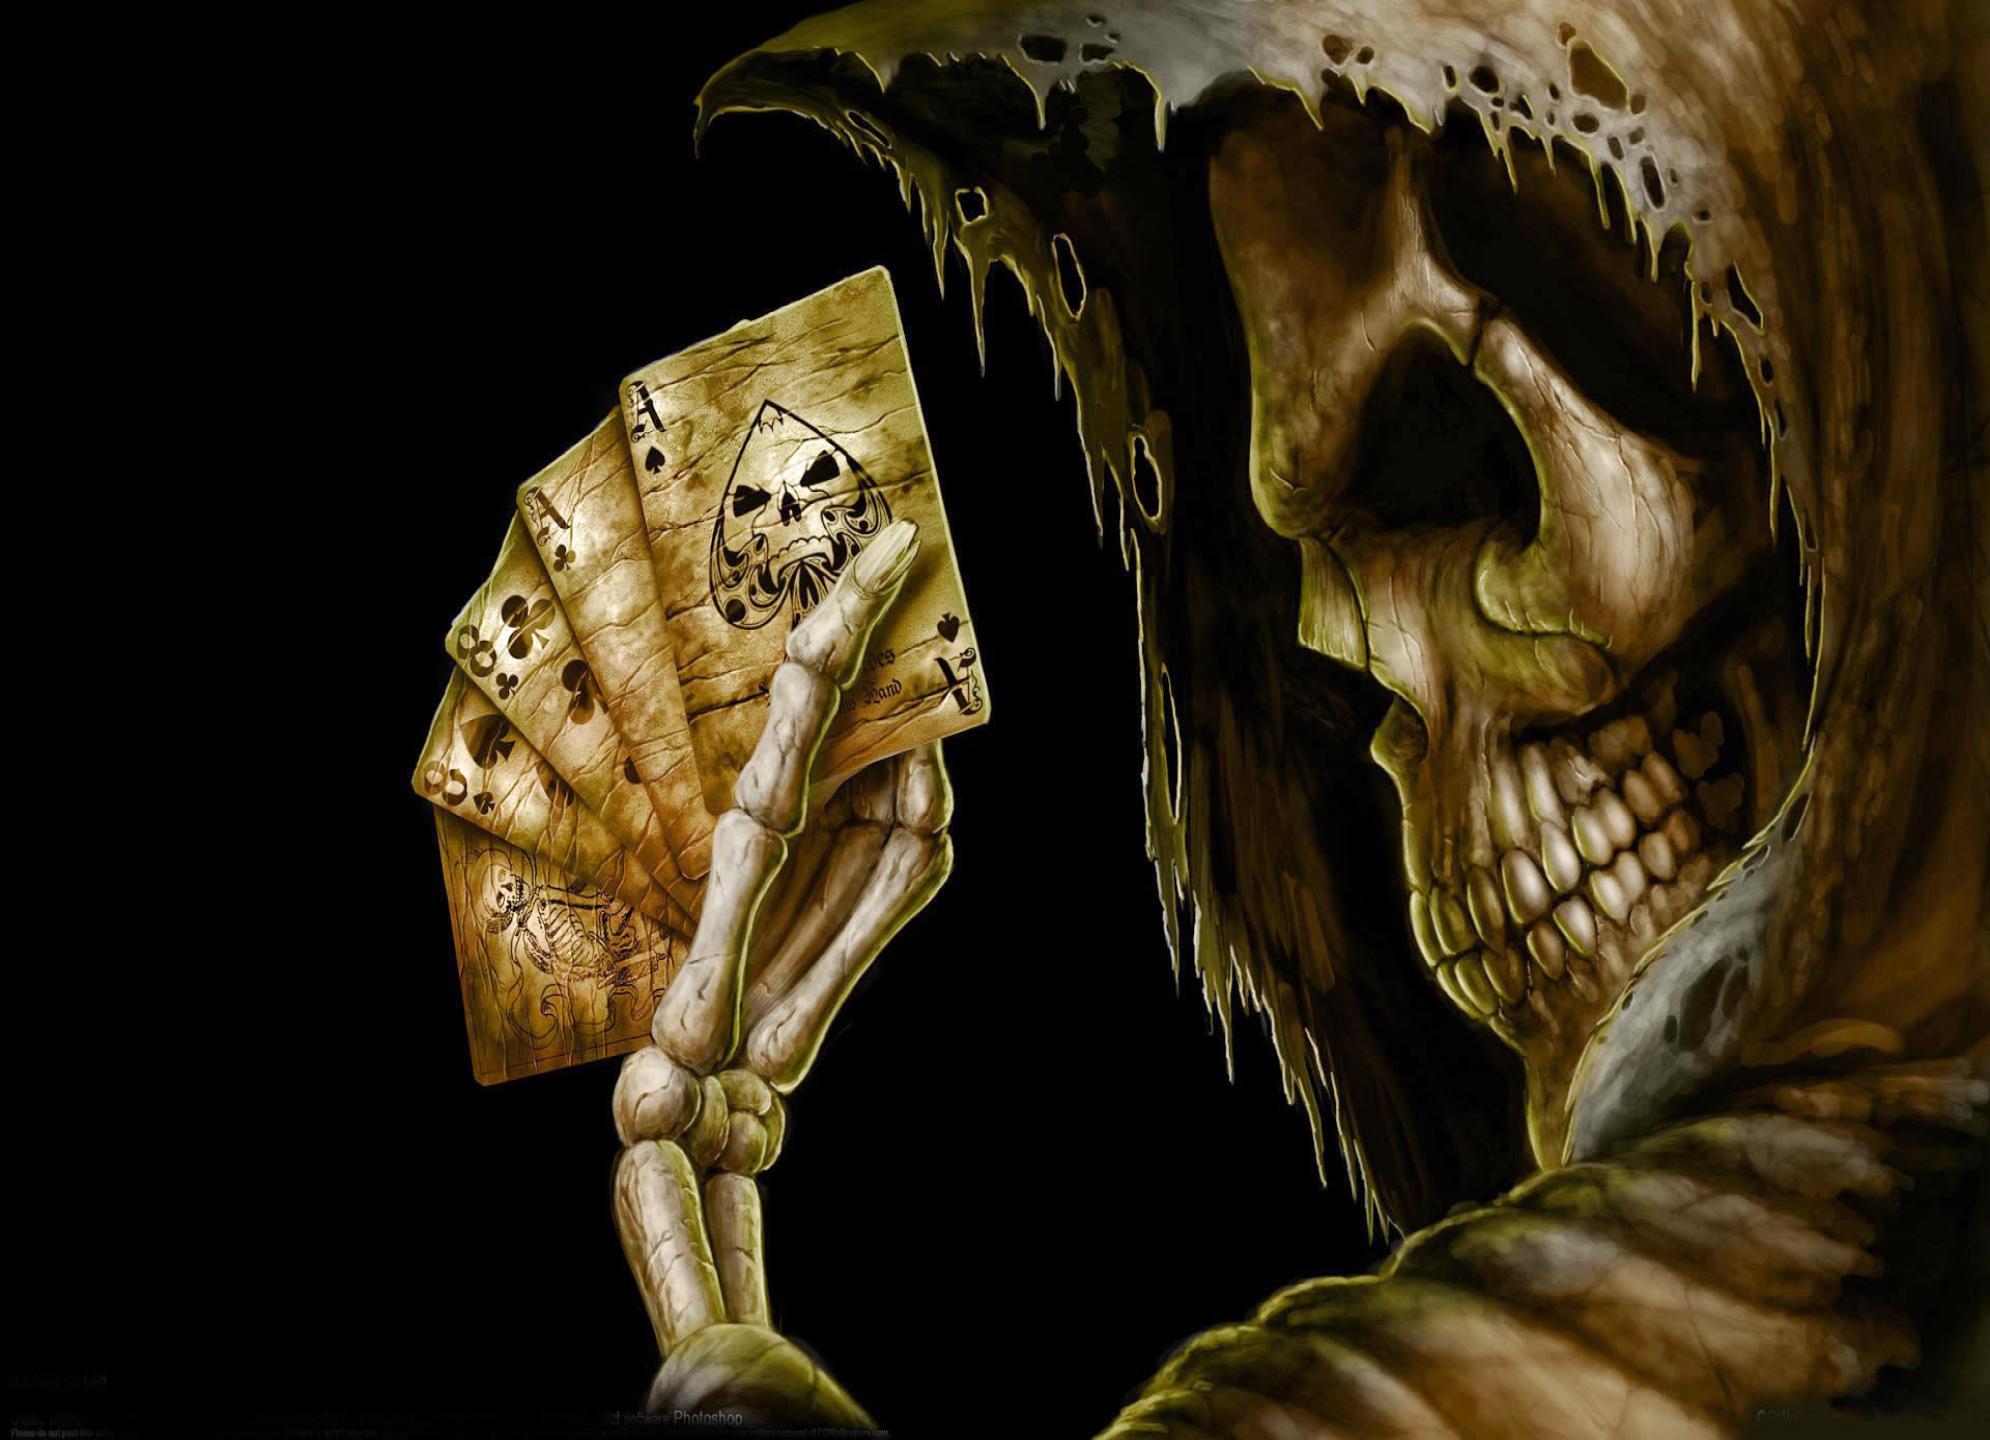 Scary skull wa 1990x1440